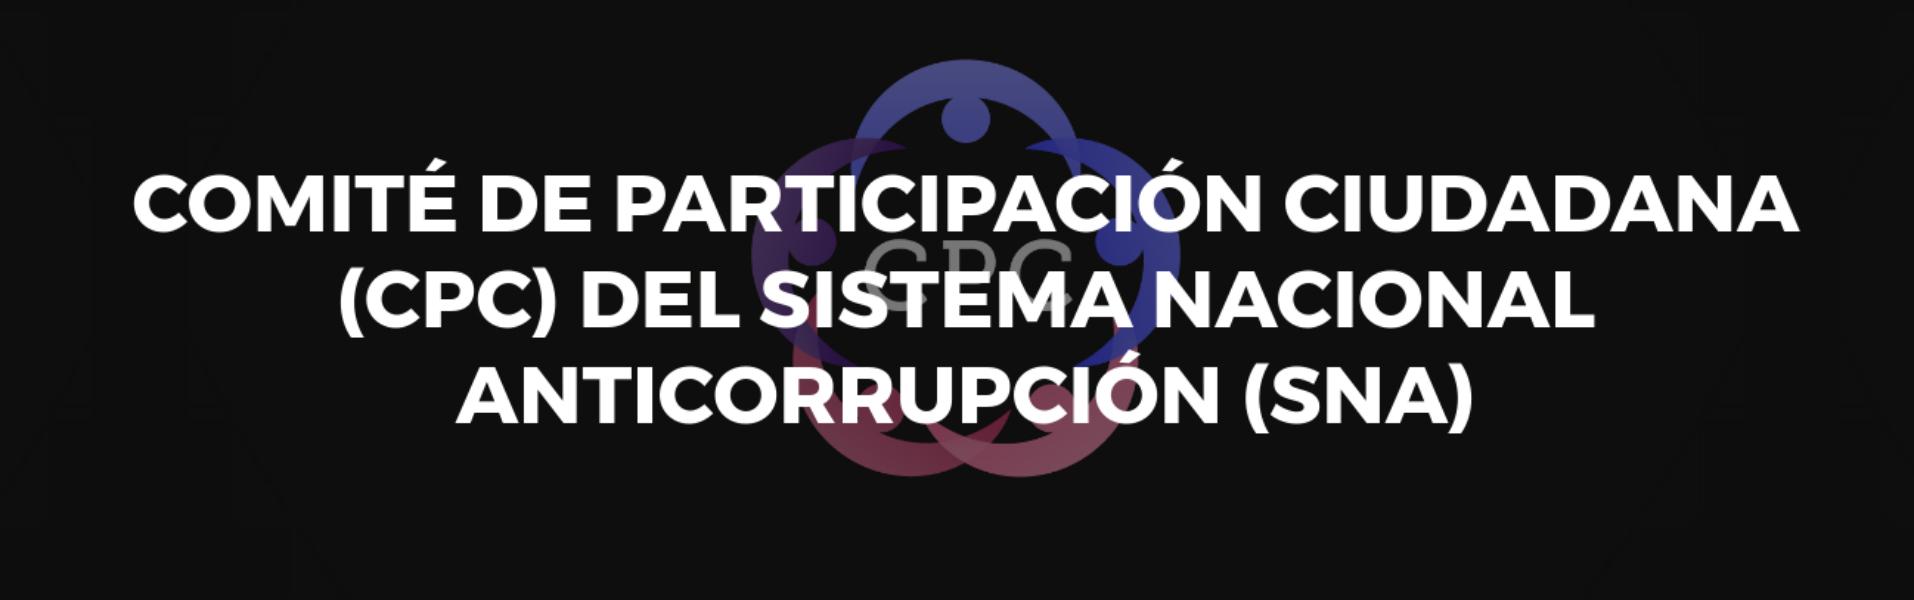 Comité de Participación Ciudadana del Sistema Nacional Anticorrupción pide una investigación por #GobiernoEspía